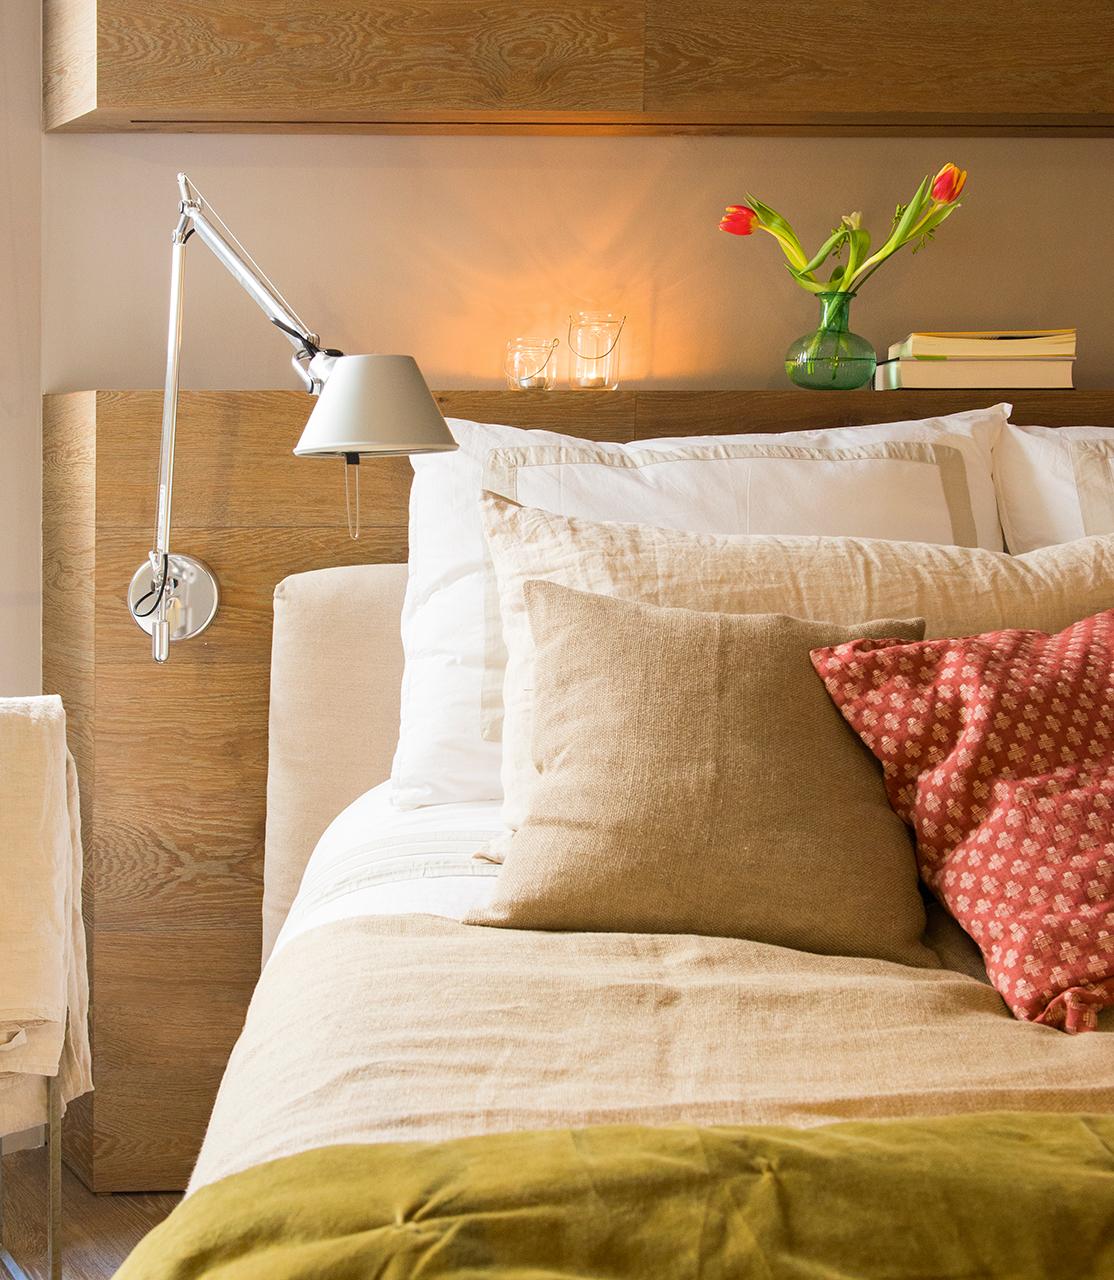 2669 Fotos de Dormitorios - Pagina 42